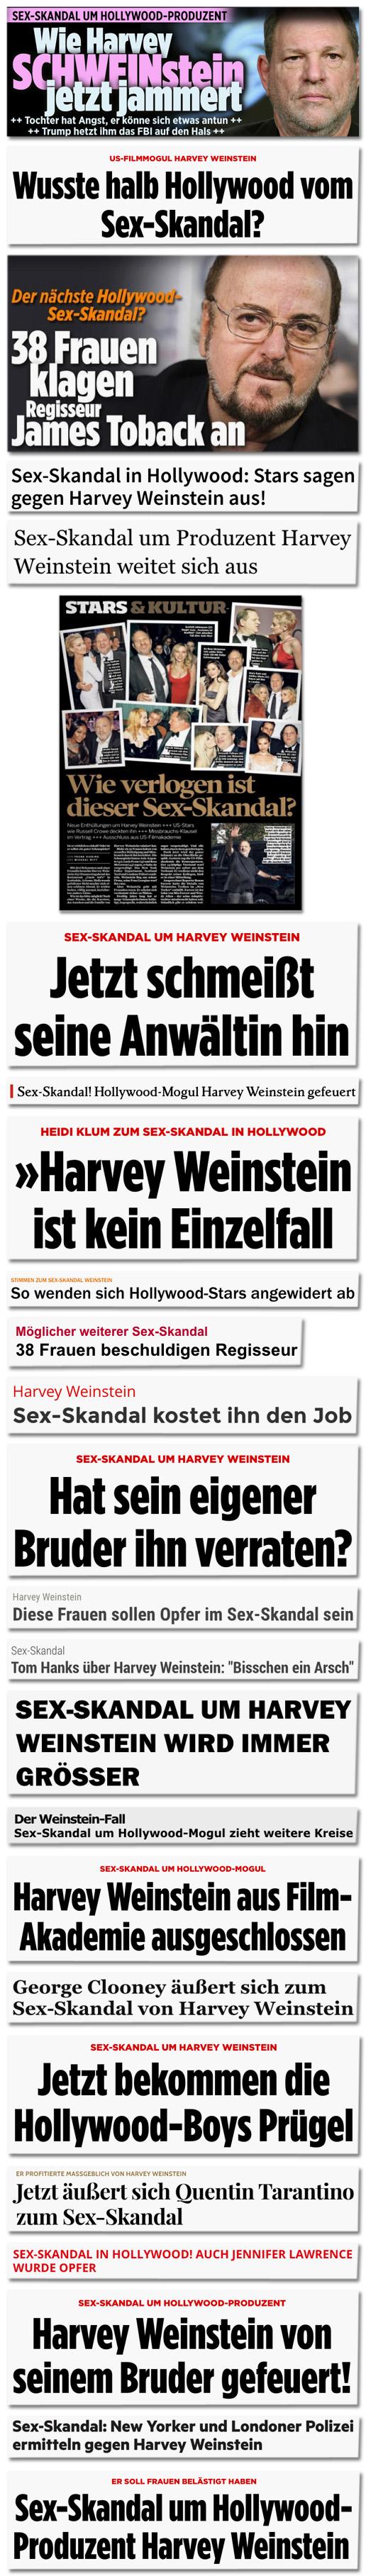 Collage mit Screenshots, die Überschriften zeigen, in denen Redaktionen von einem Sex-Skandal schreiben